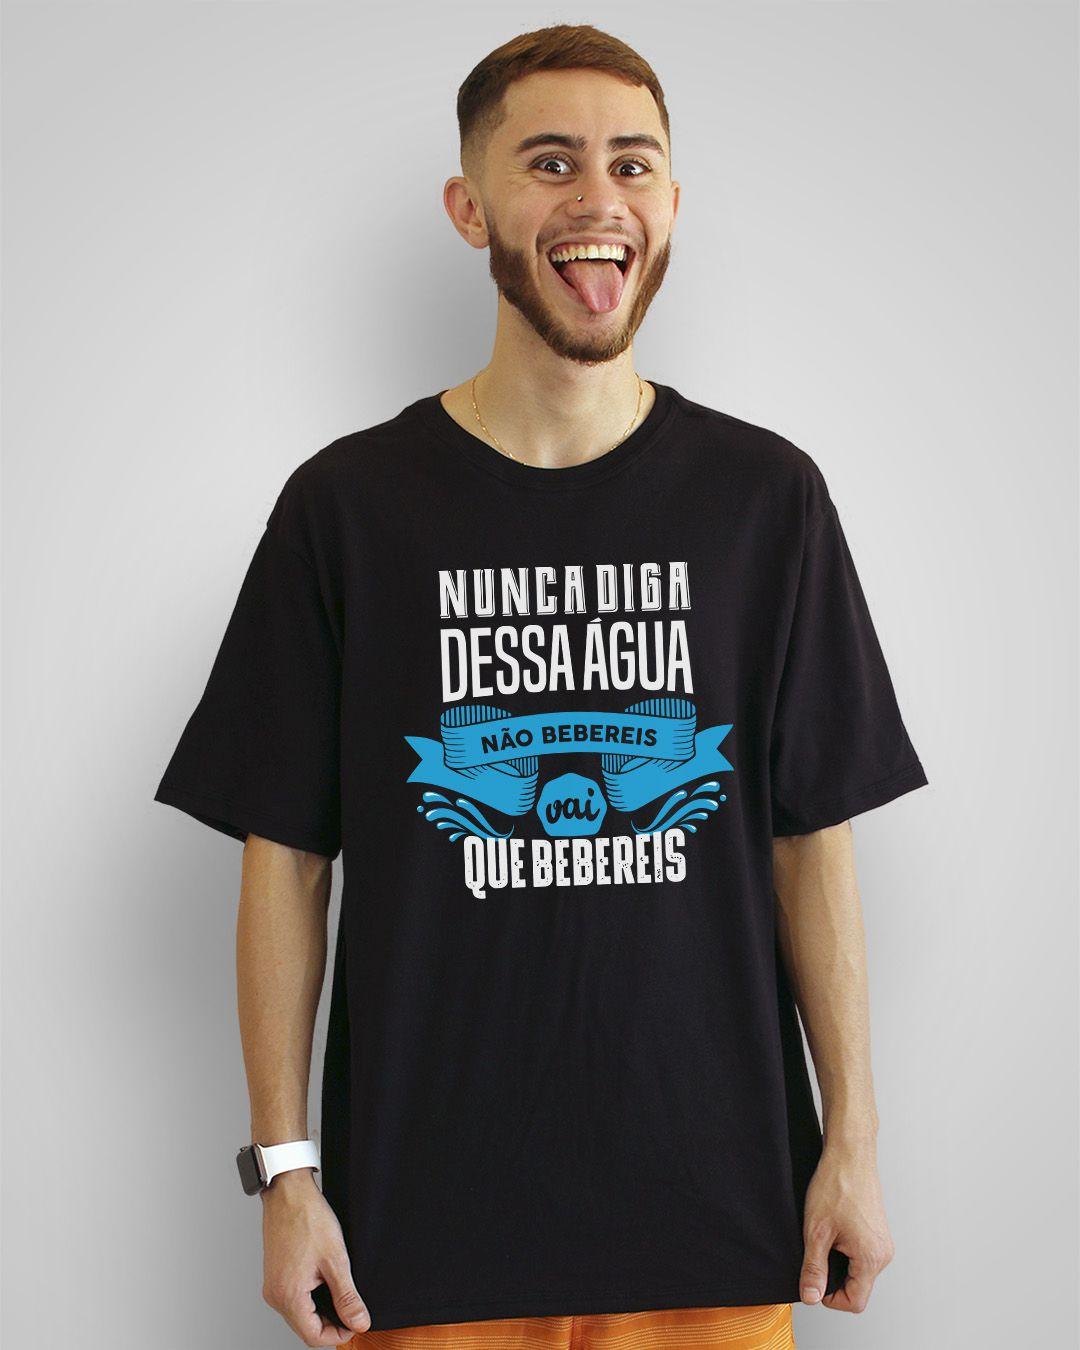 Camiseta Nunca diga dessa água não bebereis, vai que bebereis